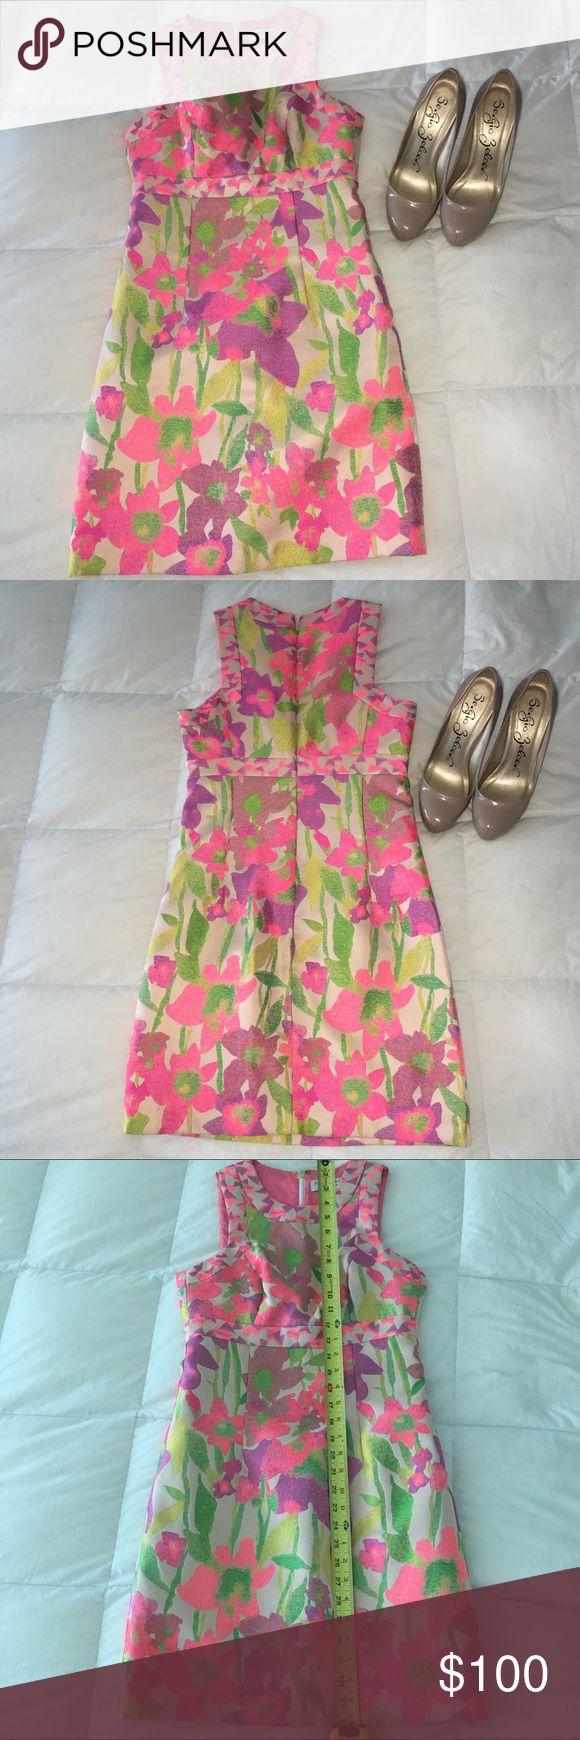 TRINA TURK DRESS TRINA TURK DRESS Trina Turk Dresses Mini